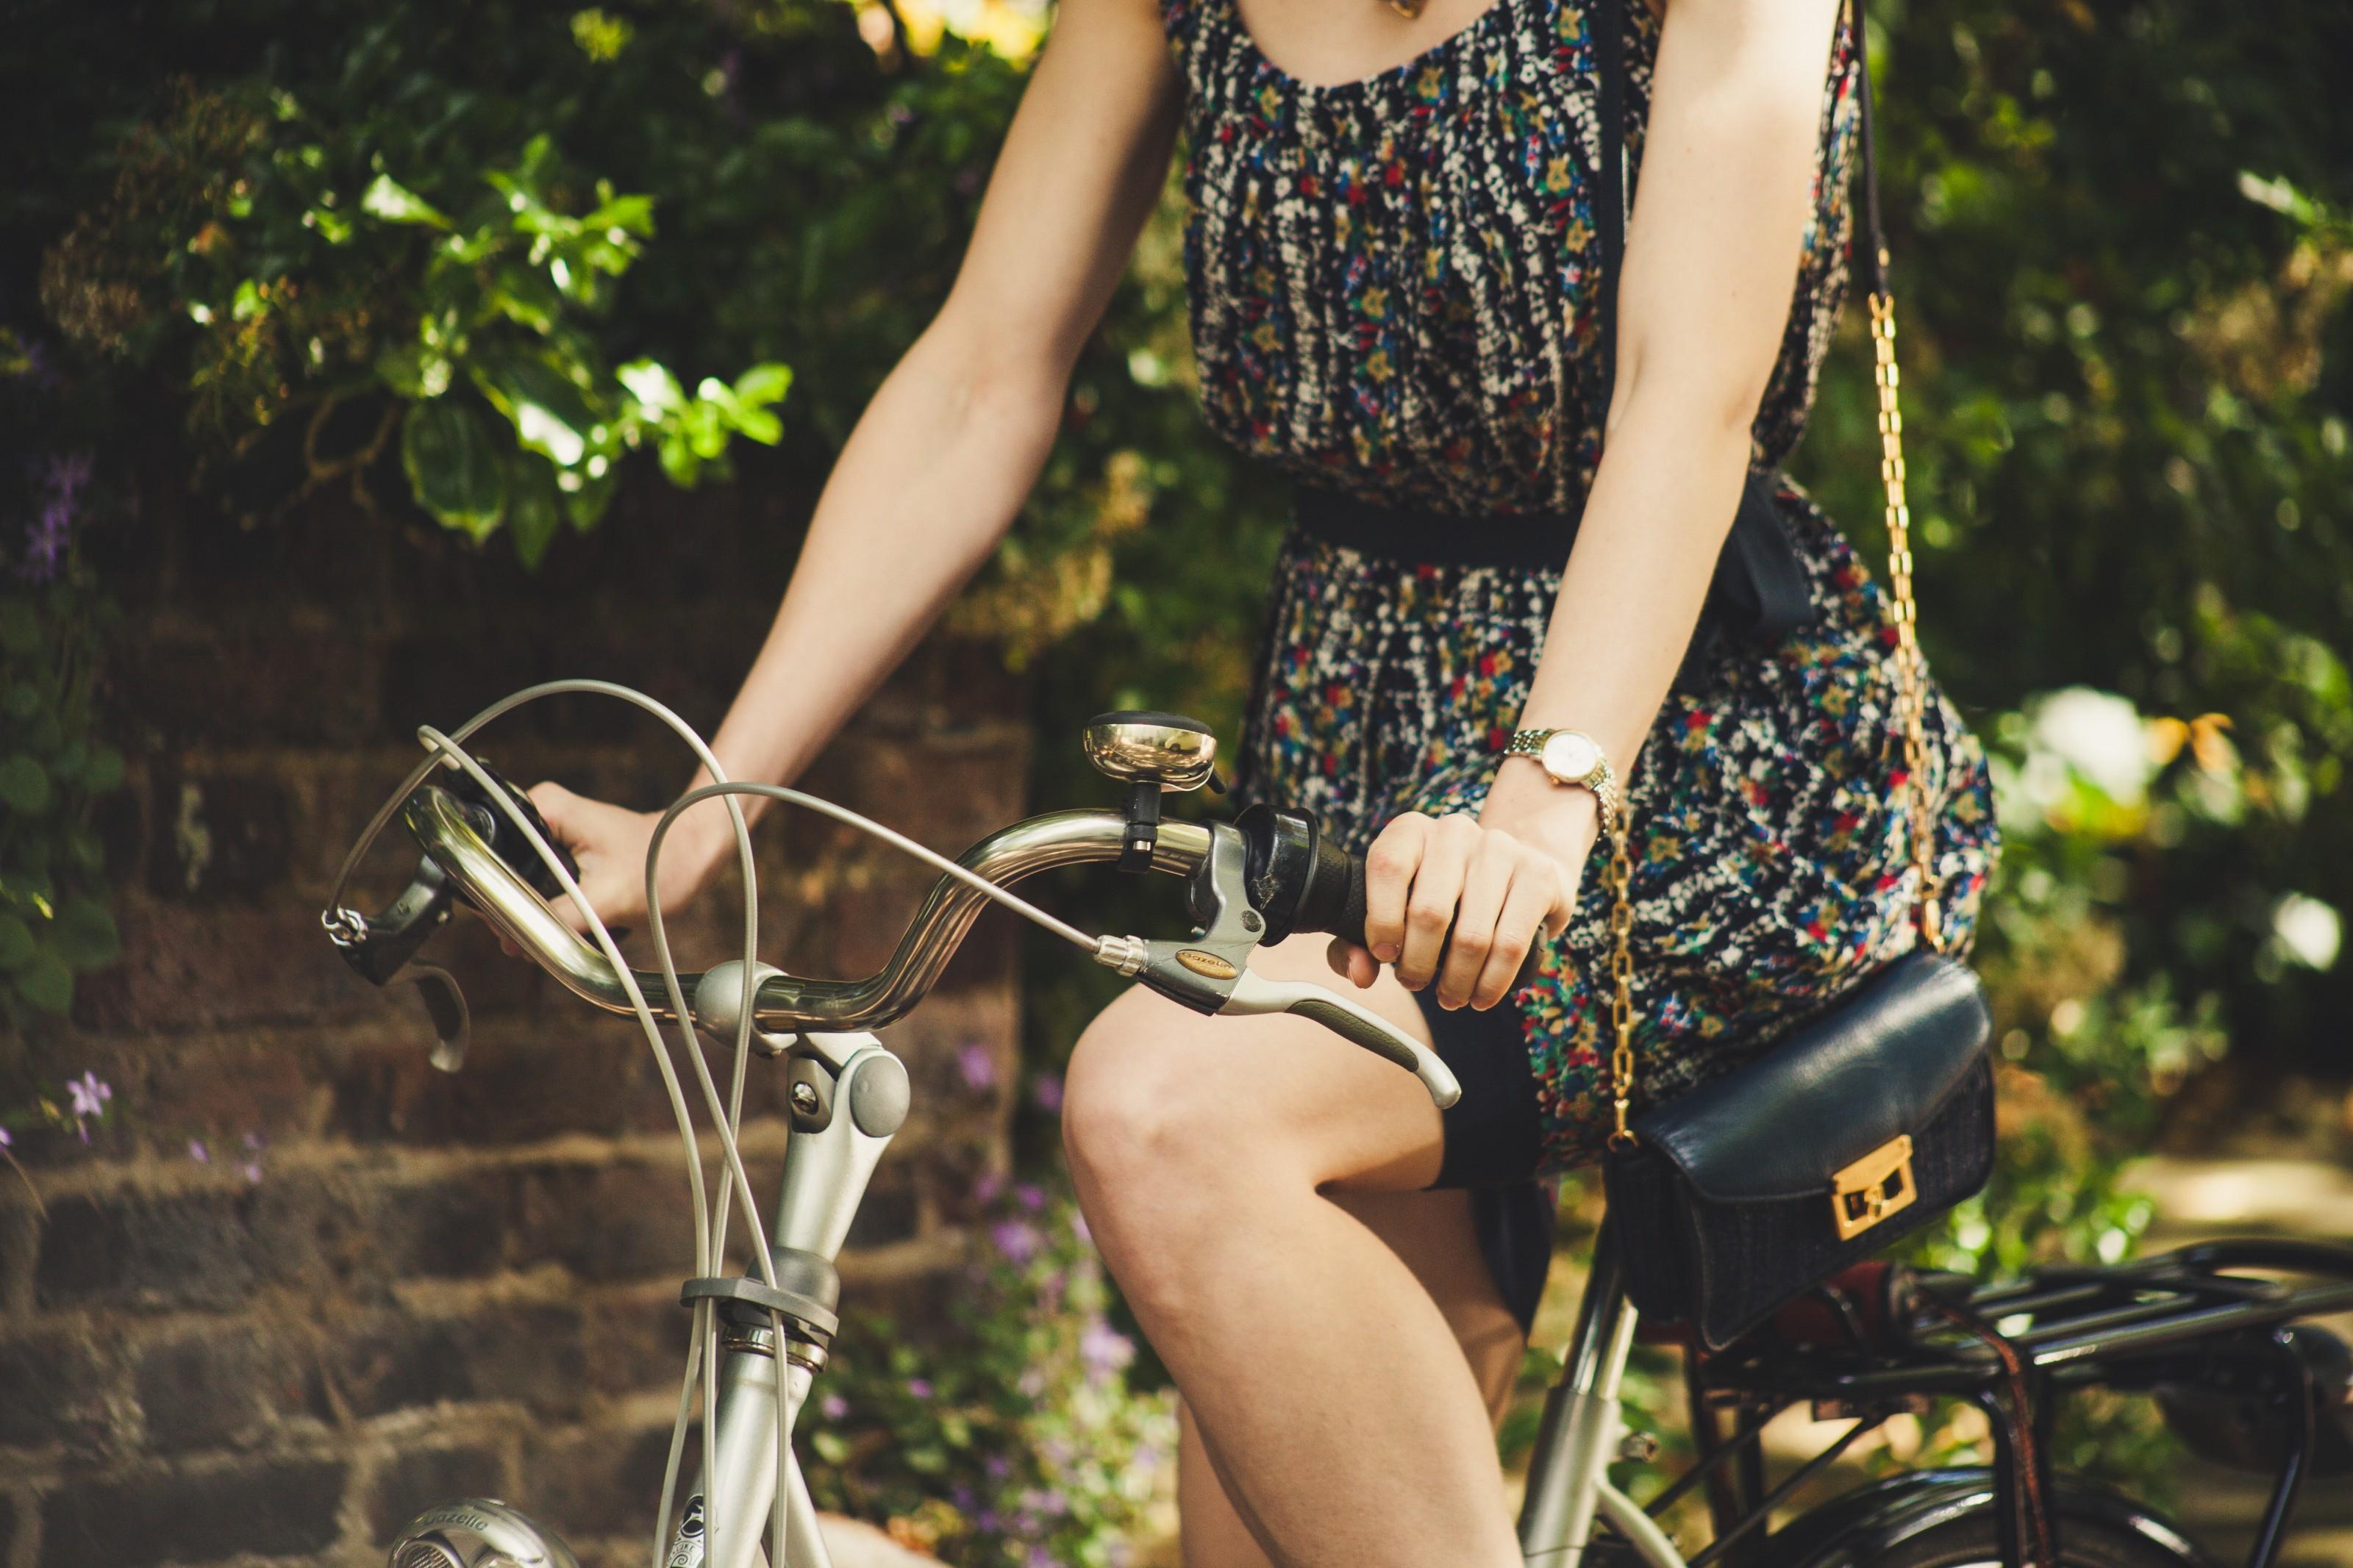 Gestantes devem evitar exercícios como andar de bicicleta. Foto: Unsplash.